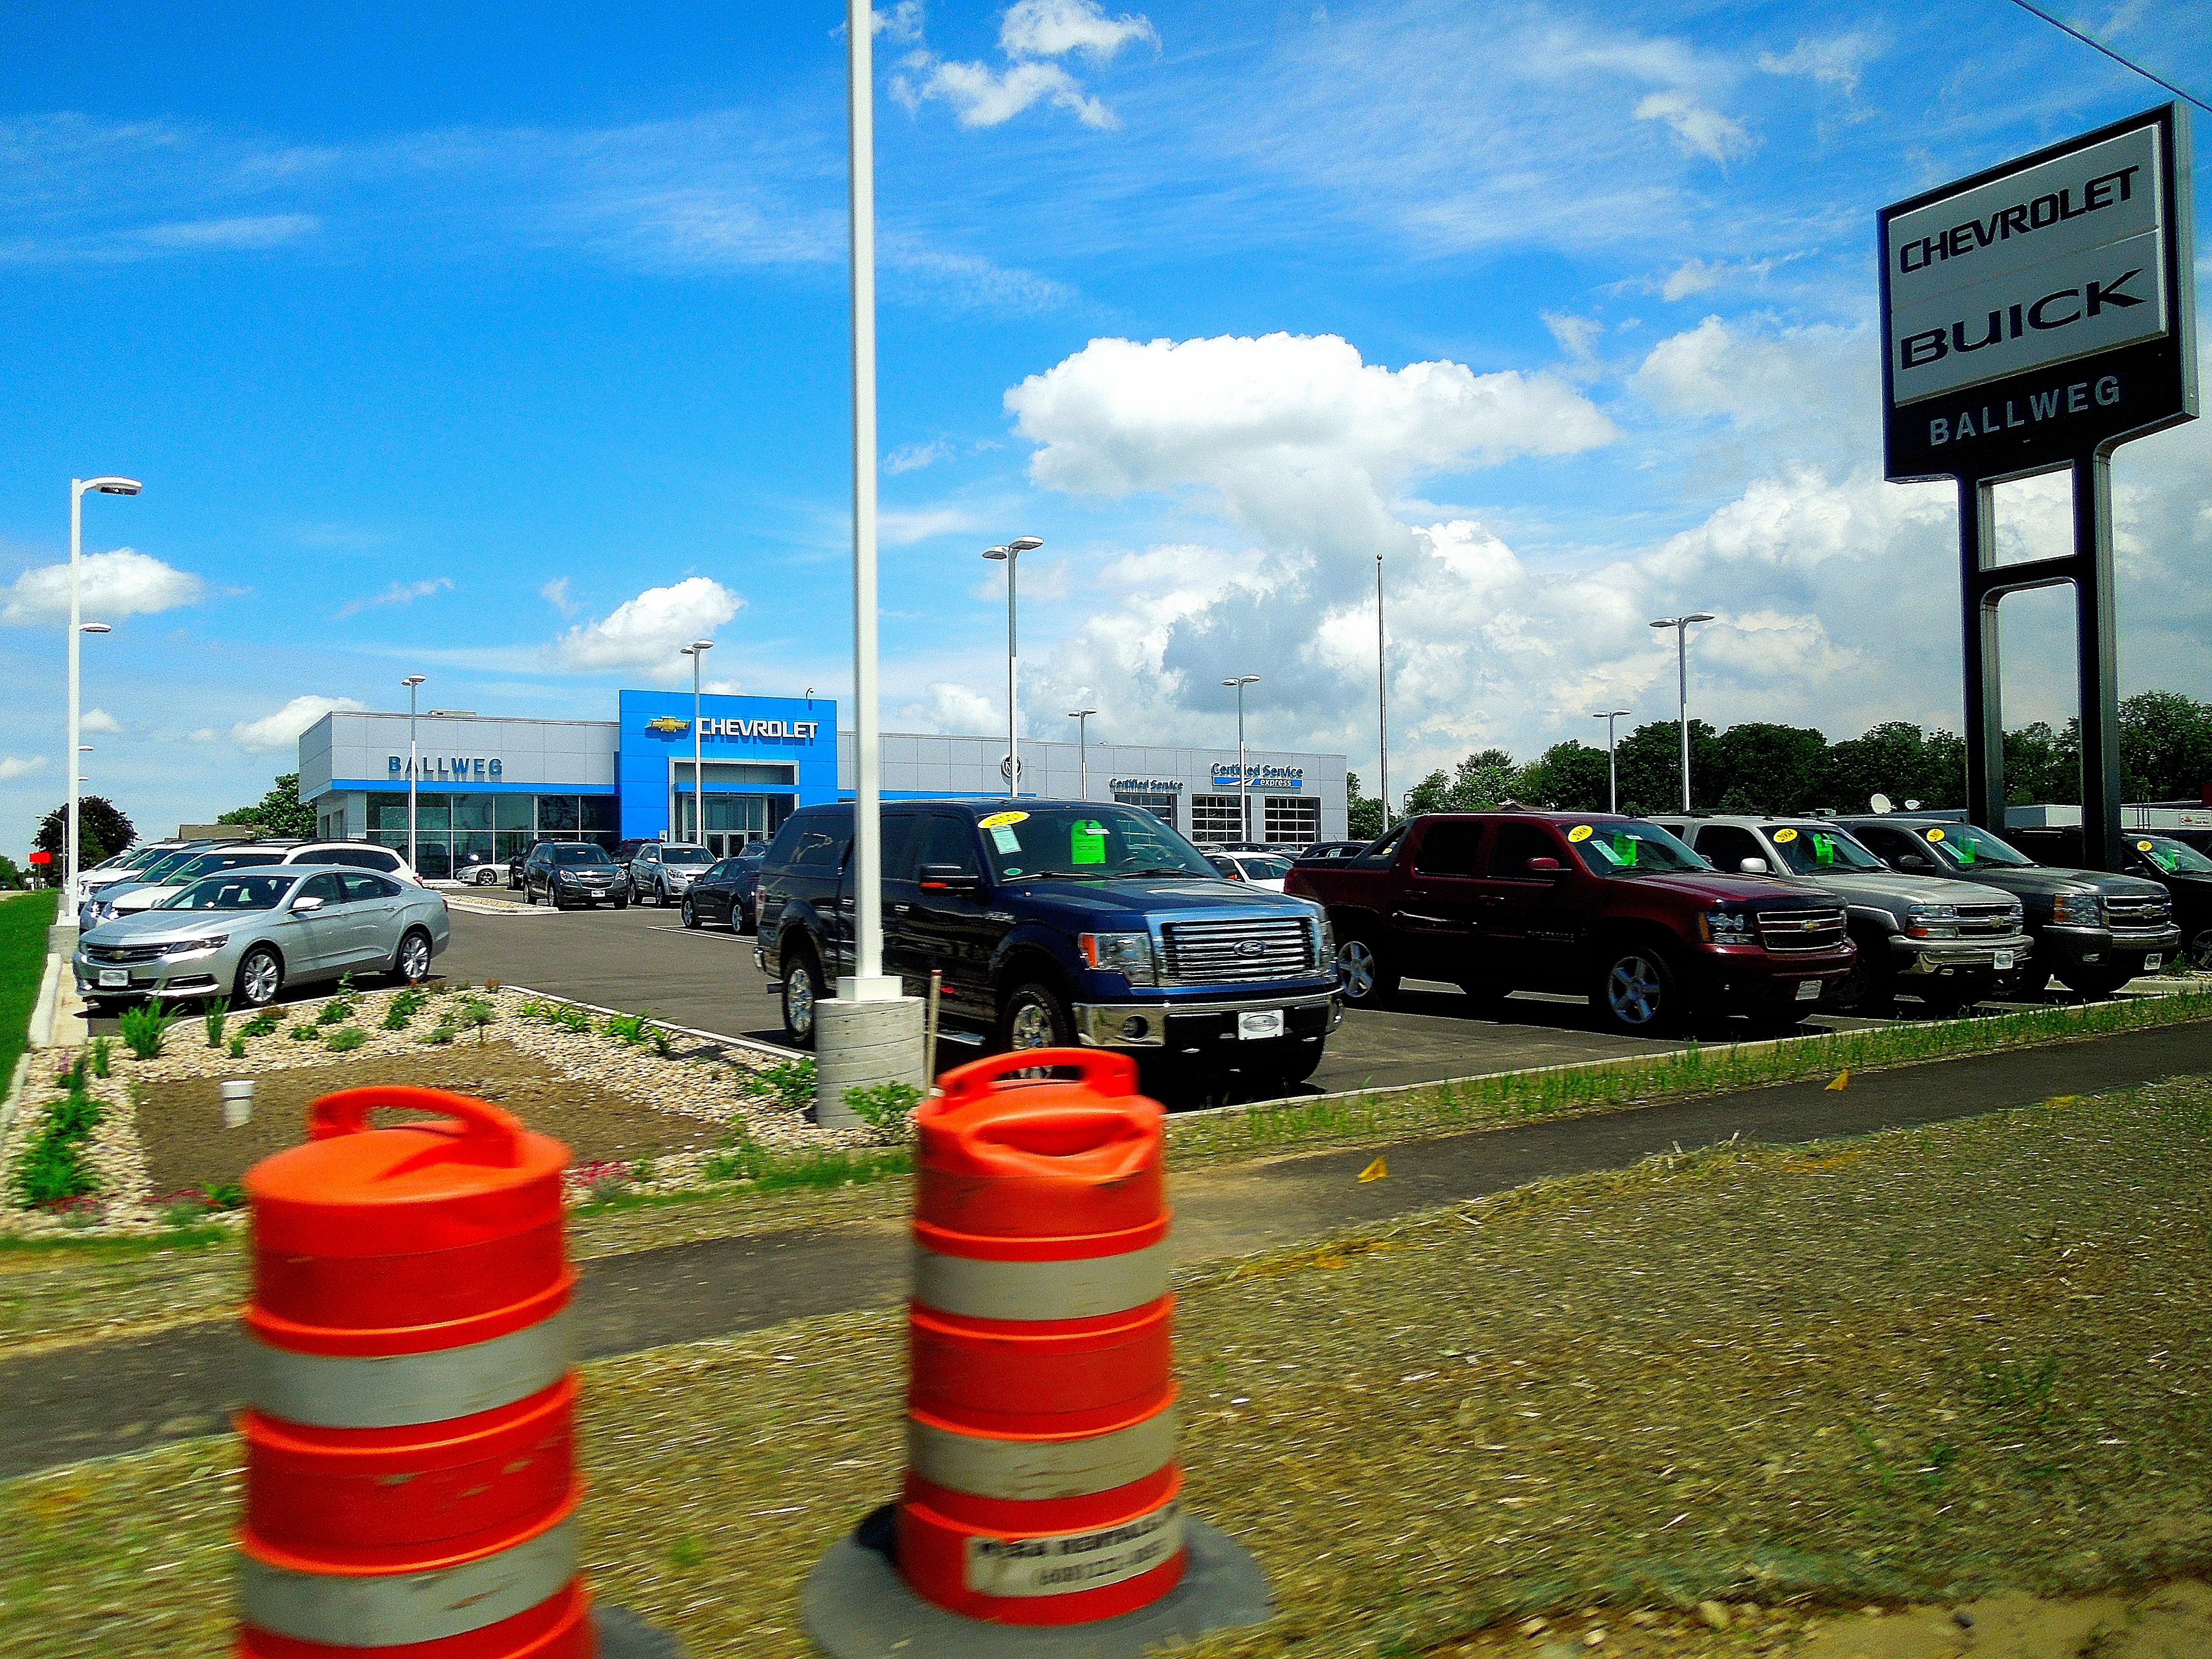 File:Ballweg Chevrolet Buick   Panoramio